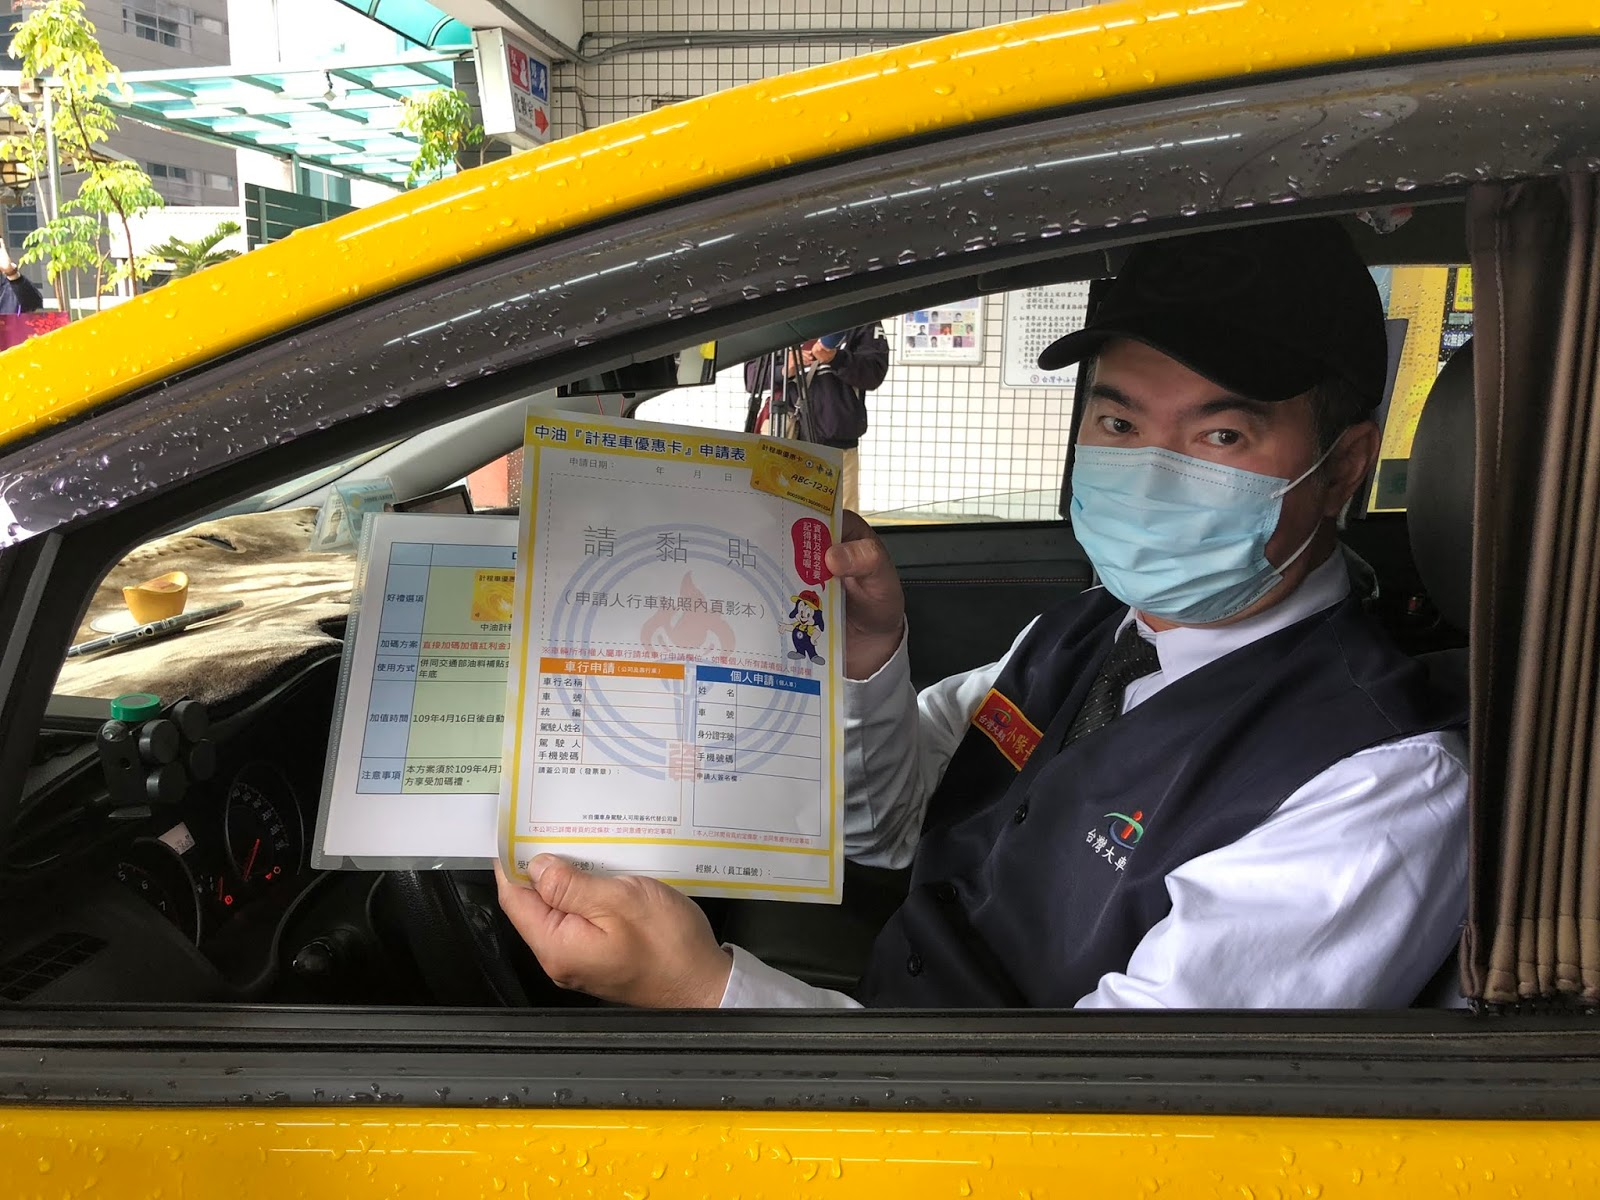 臺灣中油計程車優惠卡加碼禮1000元|請把握機會盡速申請(影音連結) | 蘭陽新聞網 LanyangNews